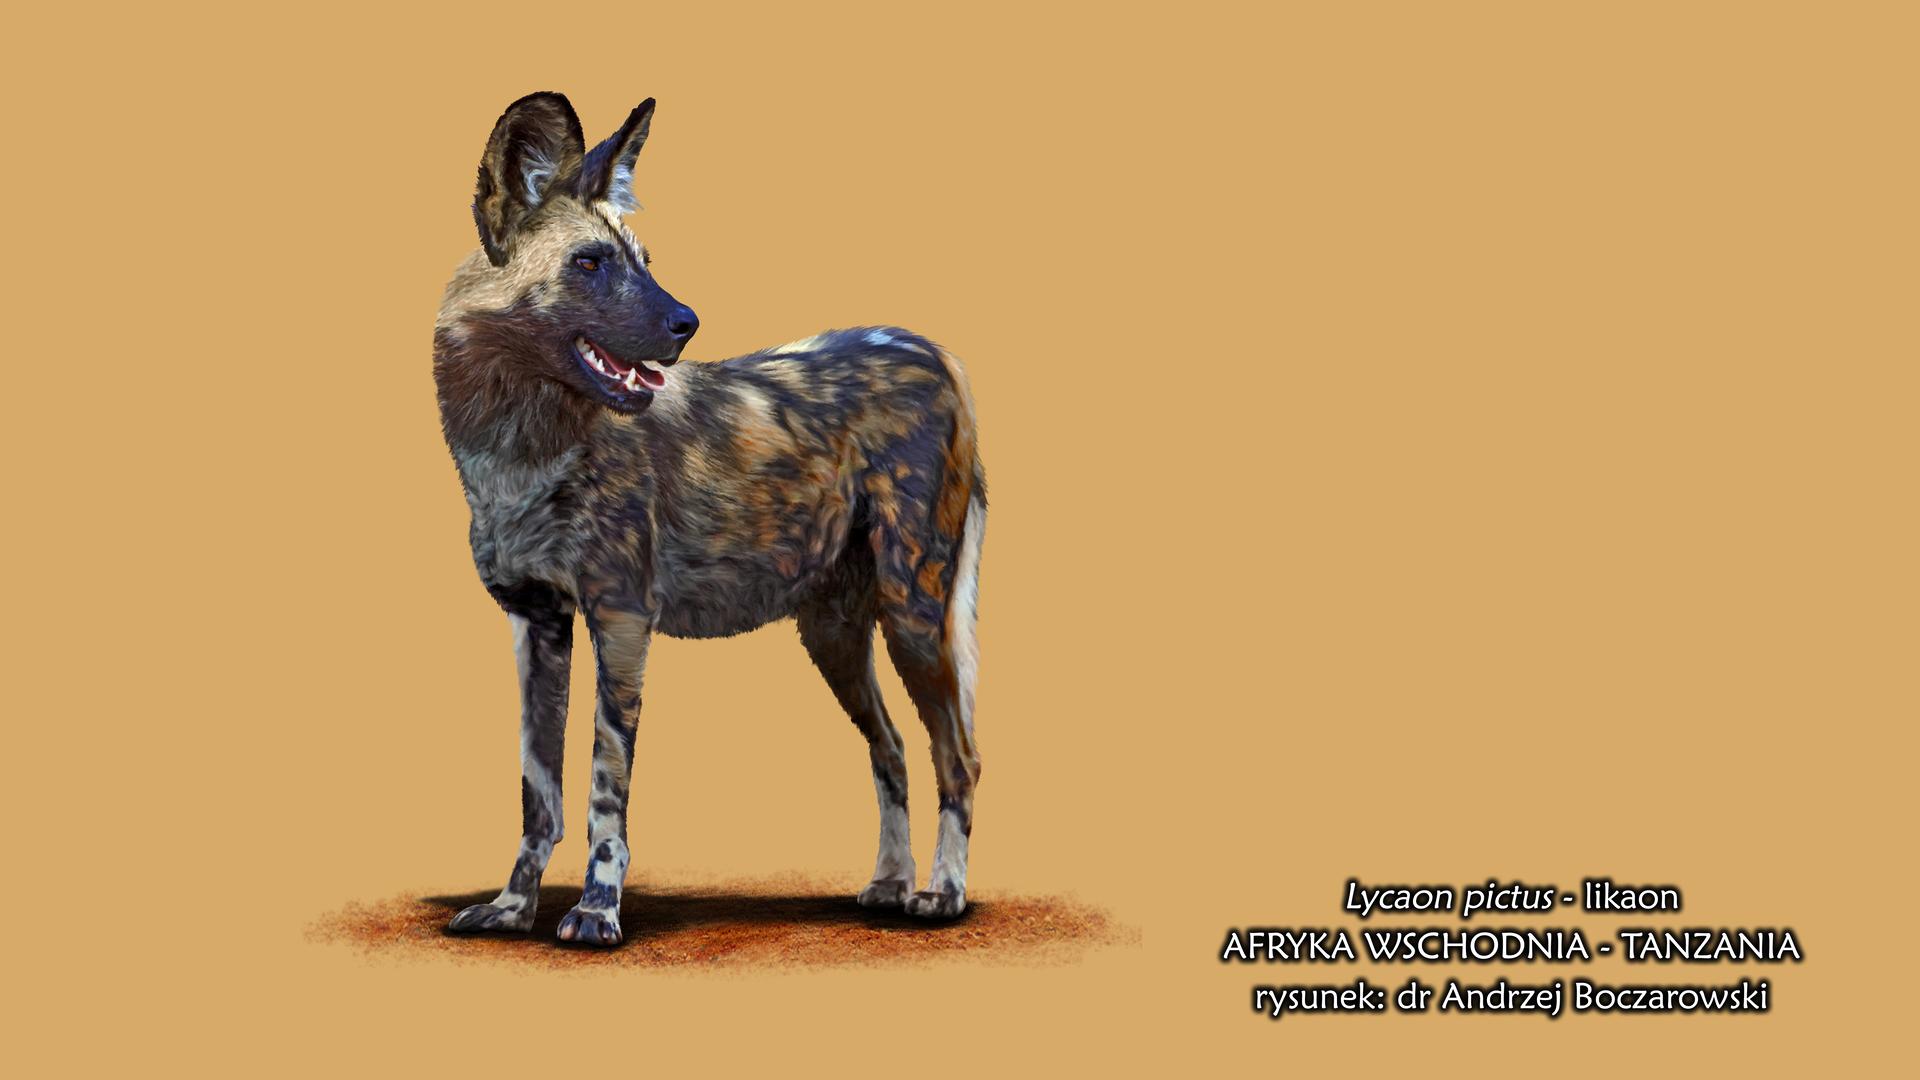 Rysunek przedstawia likaona. Zwierzę sylwetką przypomina psa. Plamiste, czarno-brązowo-szare zwierzę stoi bokiem, głowa skręcona wprawo. Ma duże, sterczące uszy, opuszczony długi icienki ogon. Pysk czarny, lekko otwarty.